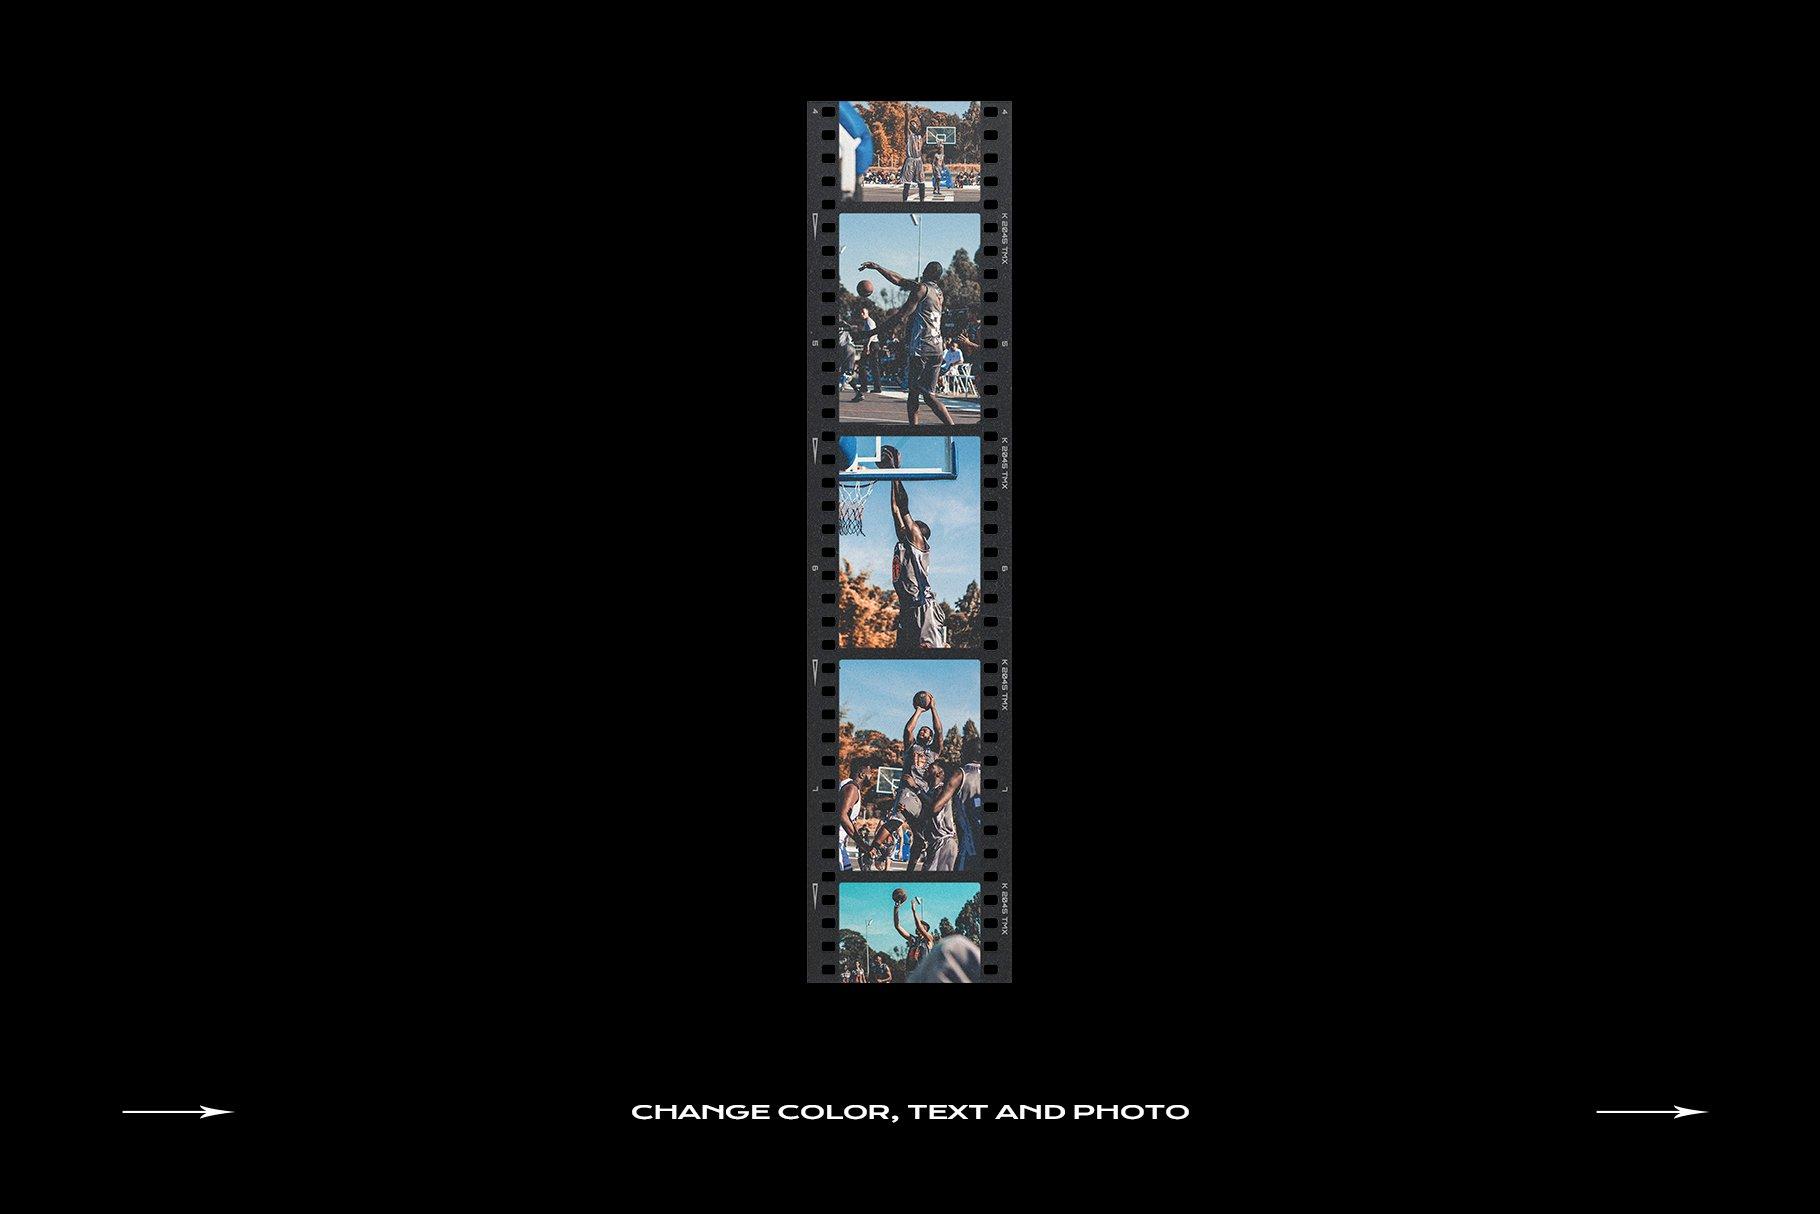 120款复古质感胶卷底片相片边框特效滤镜样机模板 Film Frame Mockup Template Bundle插图(10)